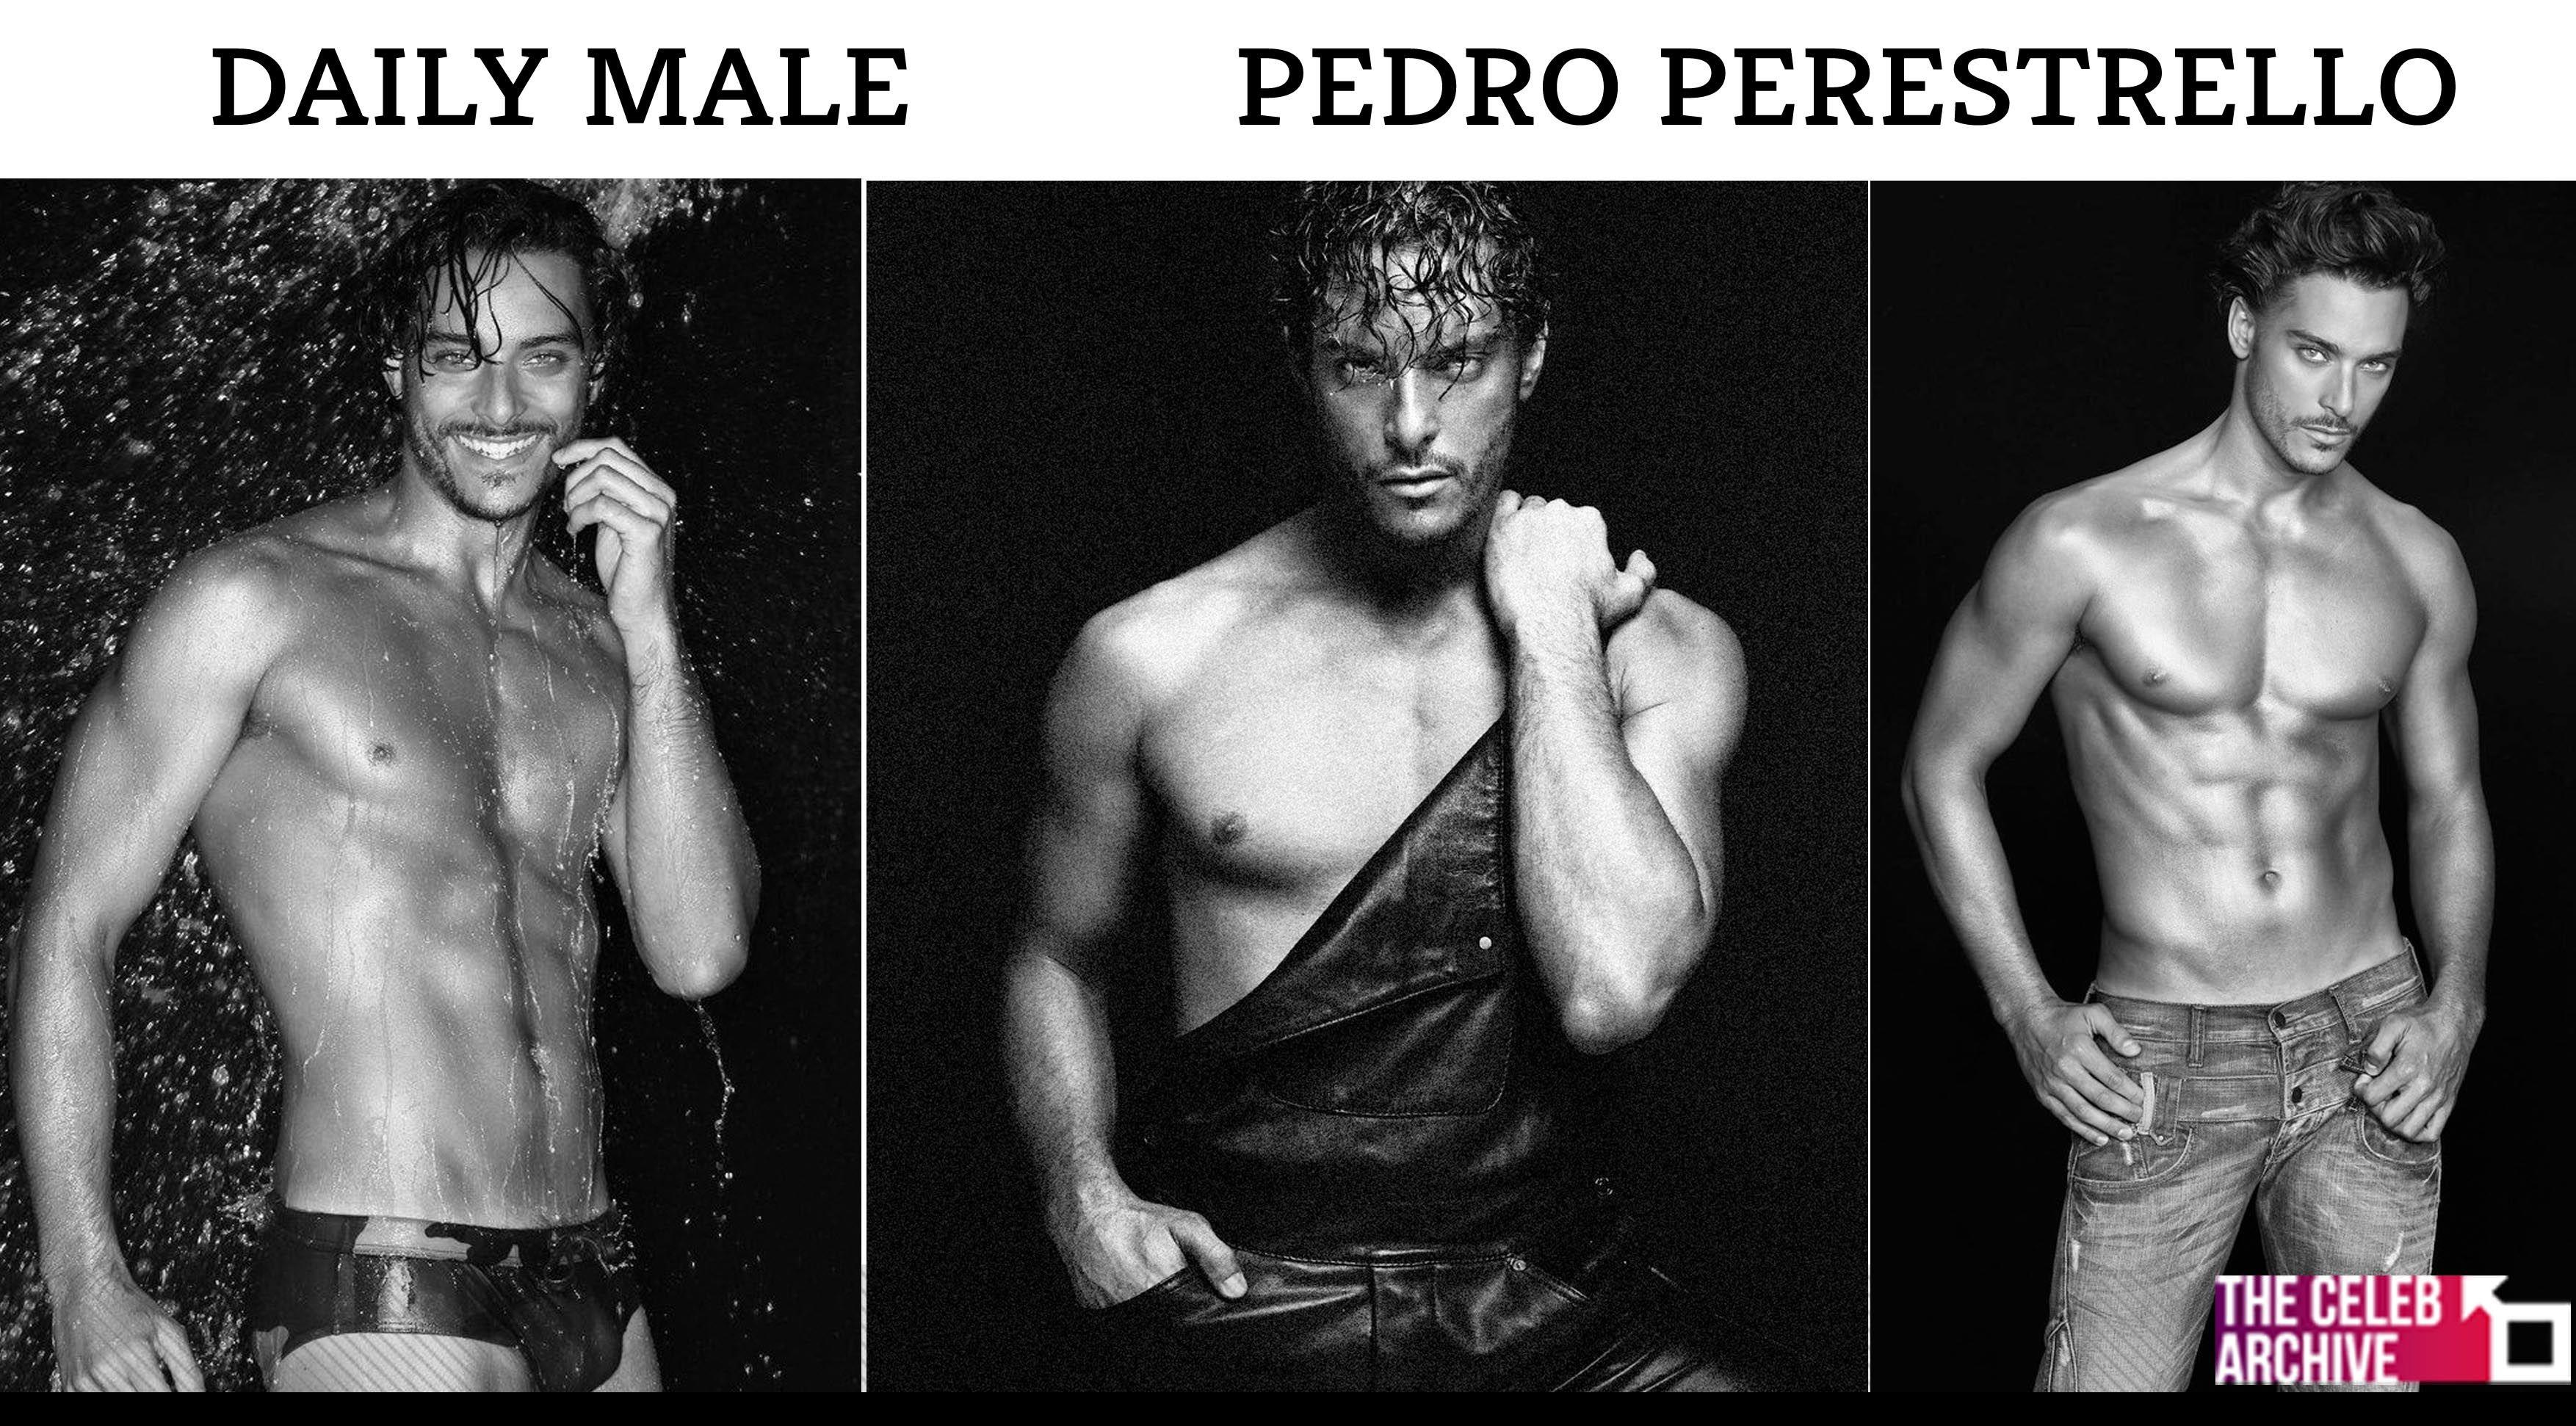 DAILY MALE - Exotic and seductive, male model from Brazil Pedro Perestrello. Pictures > http://www.thecelebarchive.net/ca/gallery.asp?folder=/Pedro%20Perestrello/